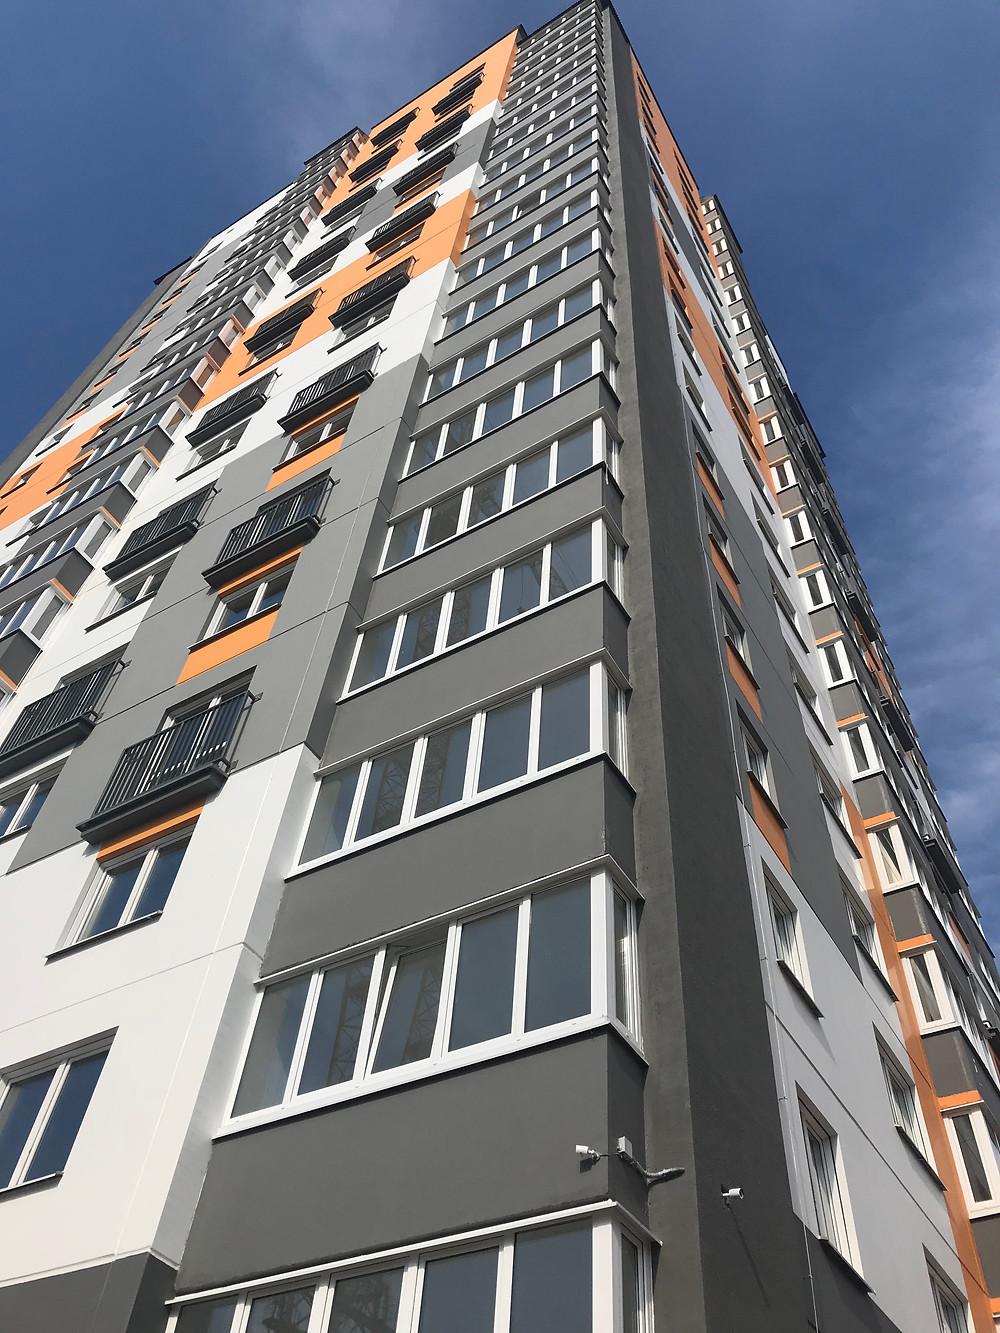 дом № 33 ЖК Уручский-2